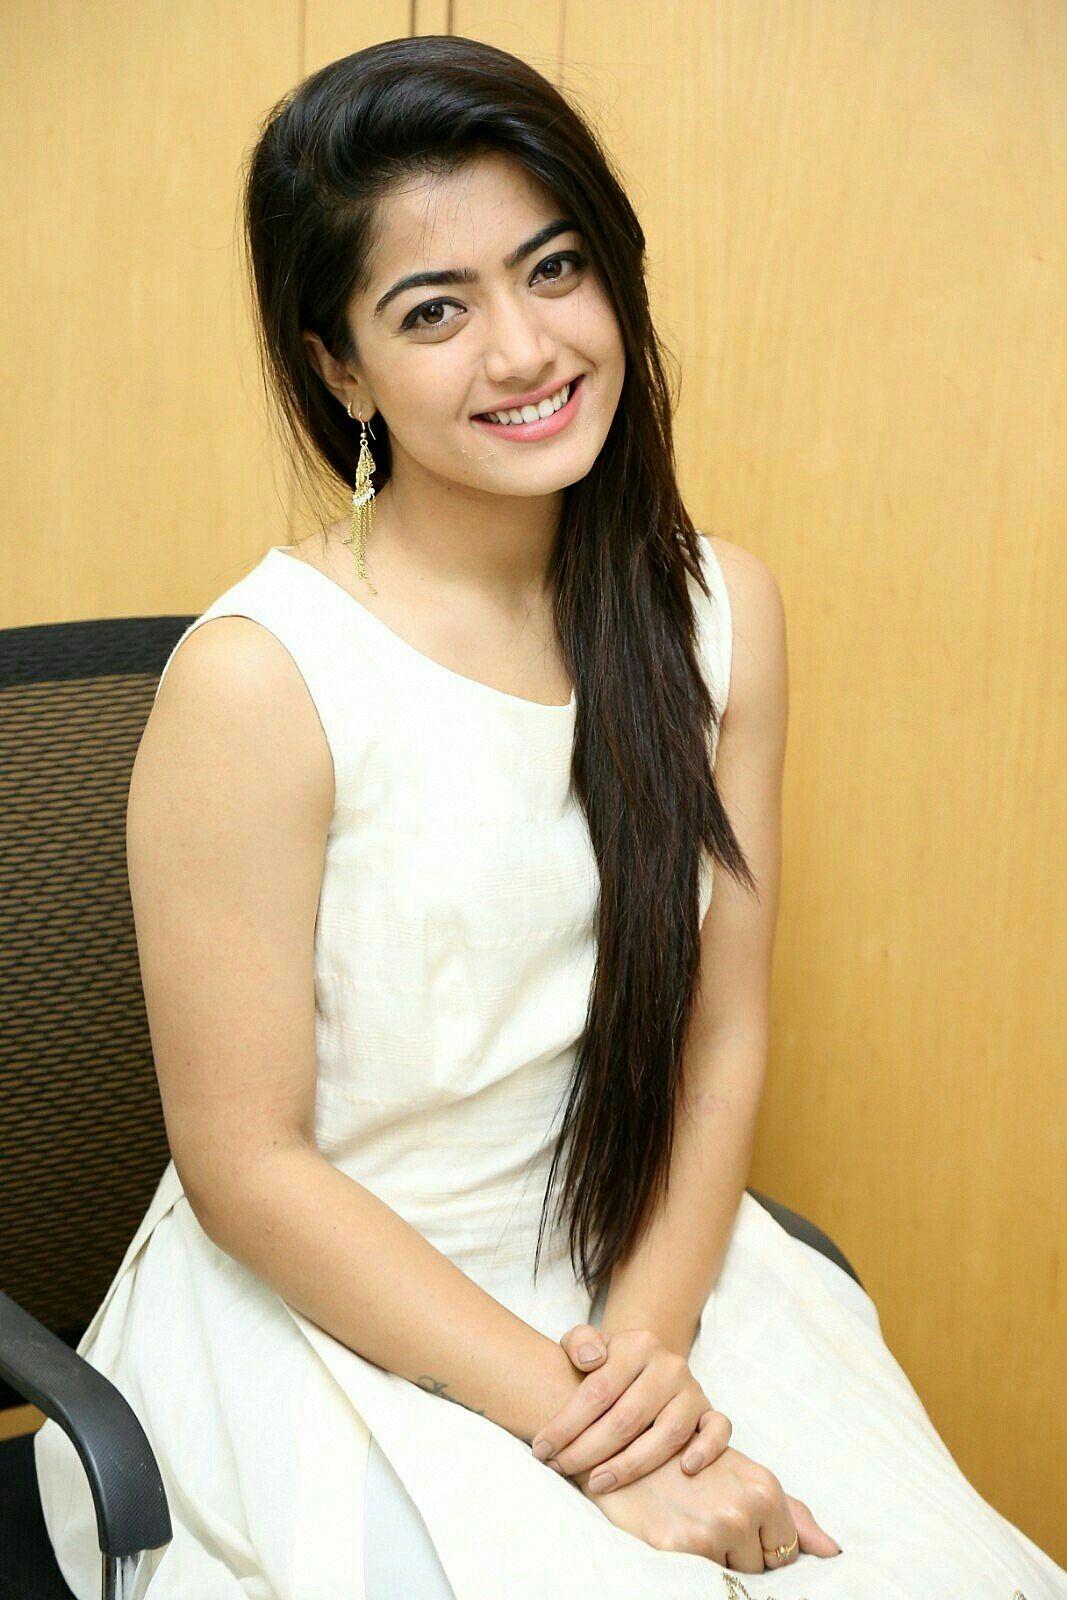 Rashmika Mandanna Beauty Full Girl Beautiful Bollywood Actress